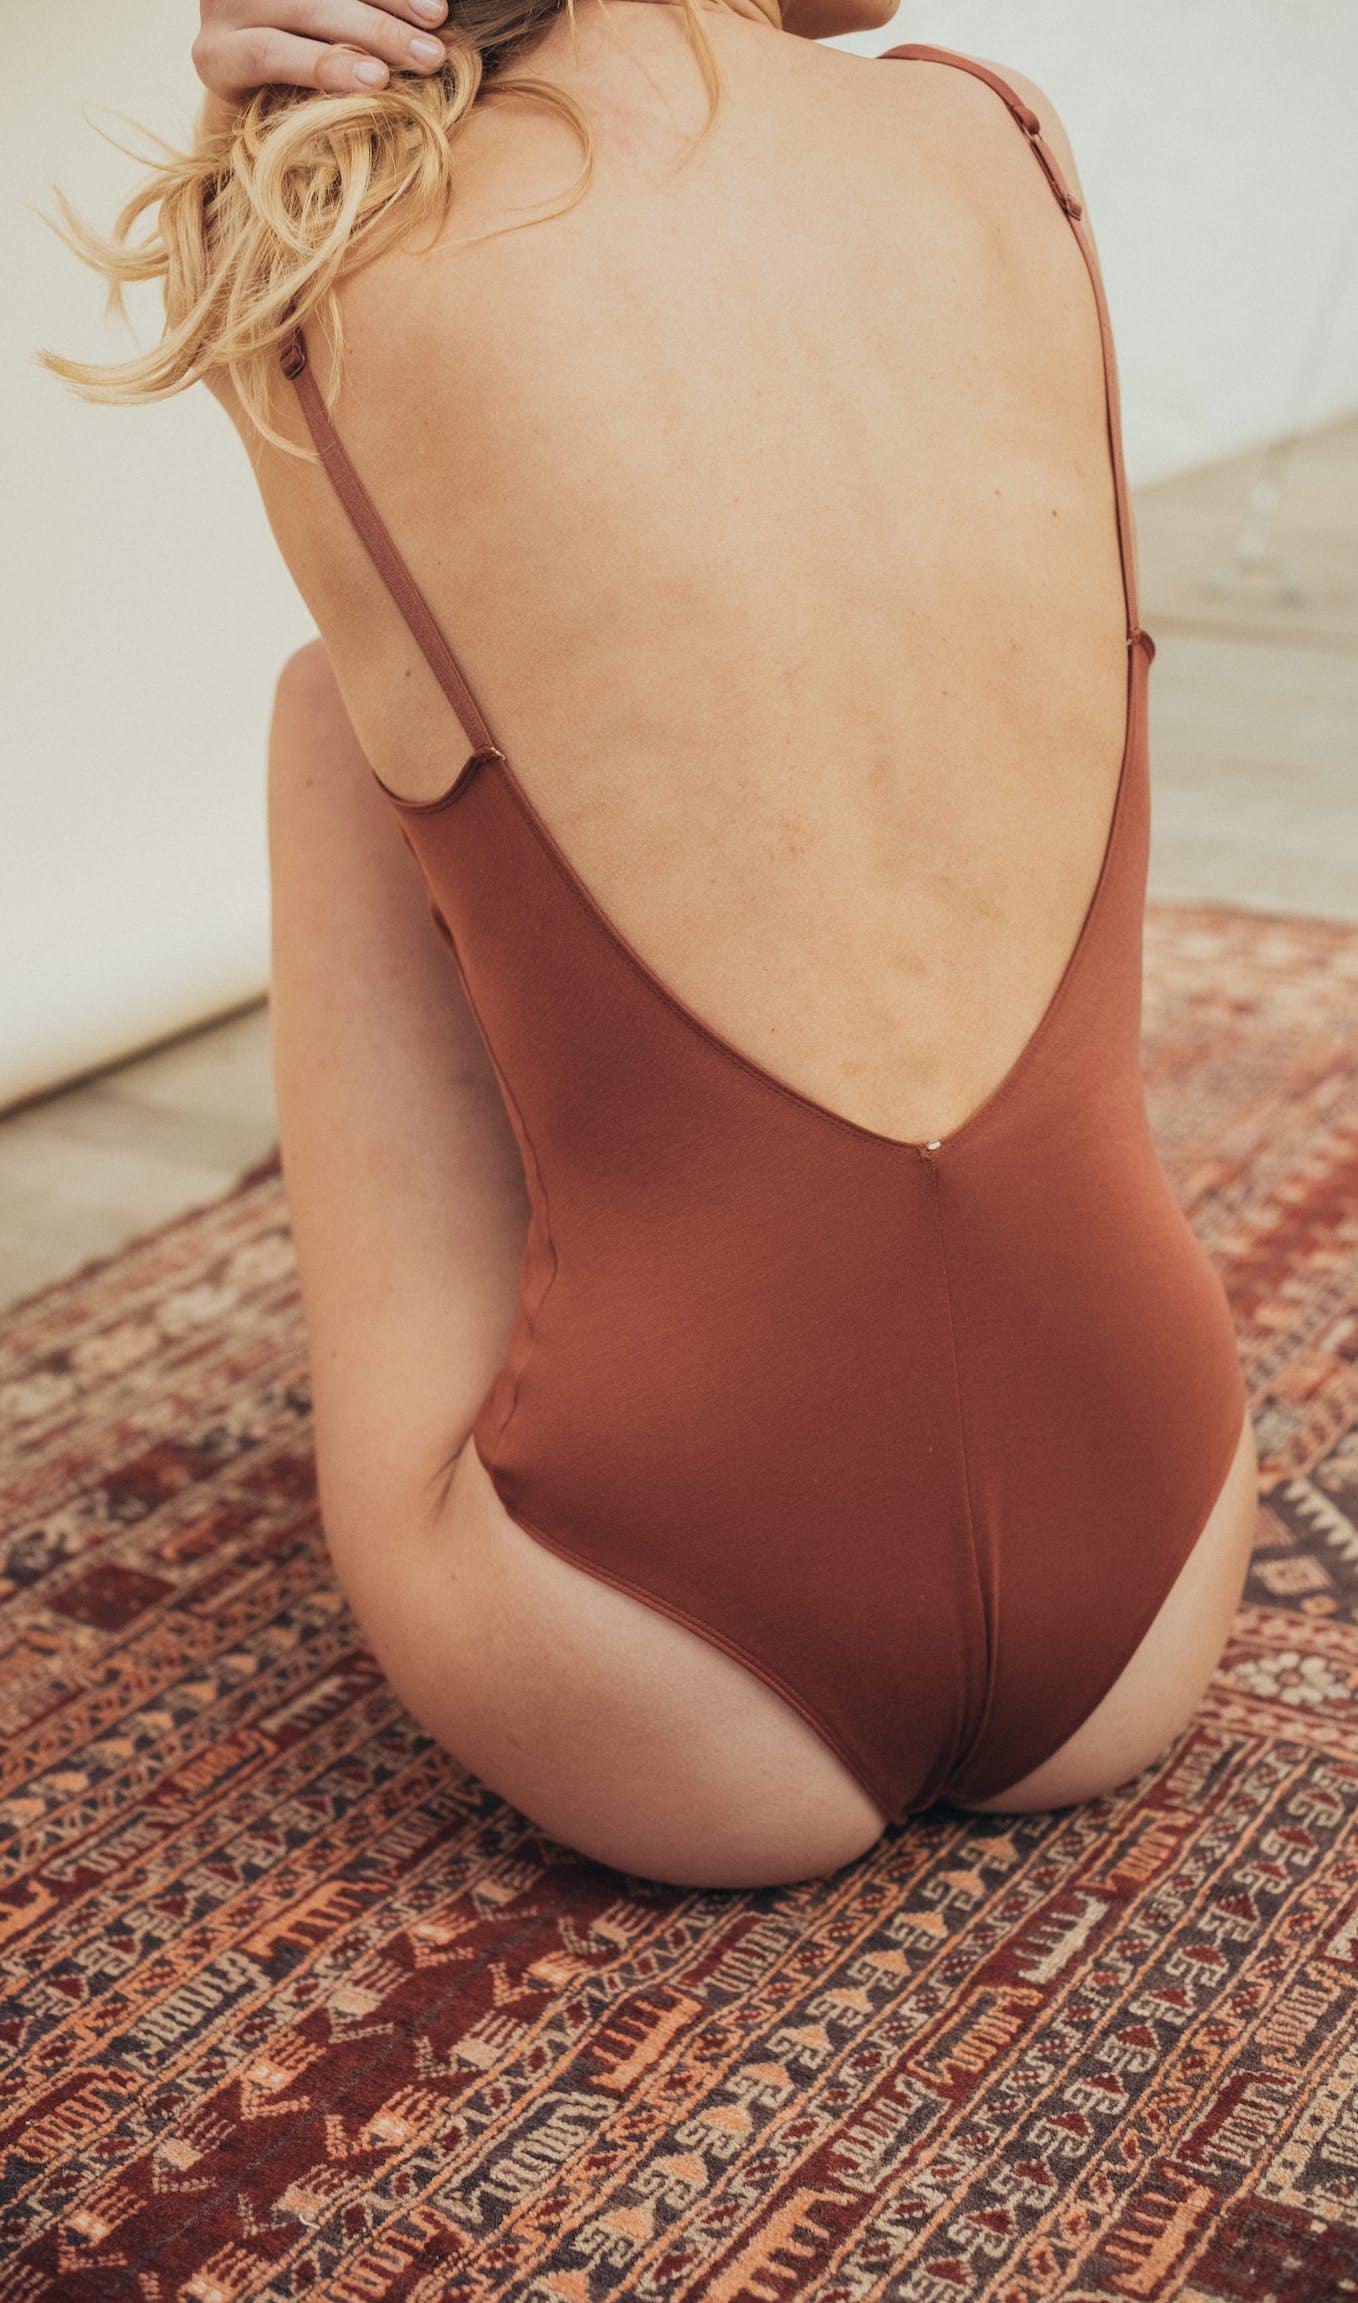 Back view of À fleur de peau Bodysuit in hazelnut